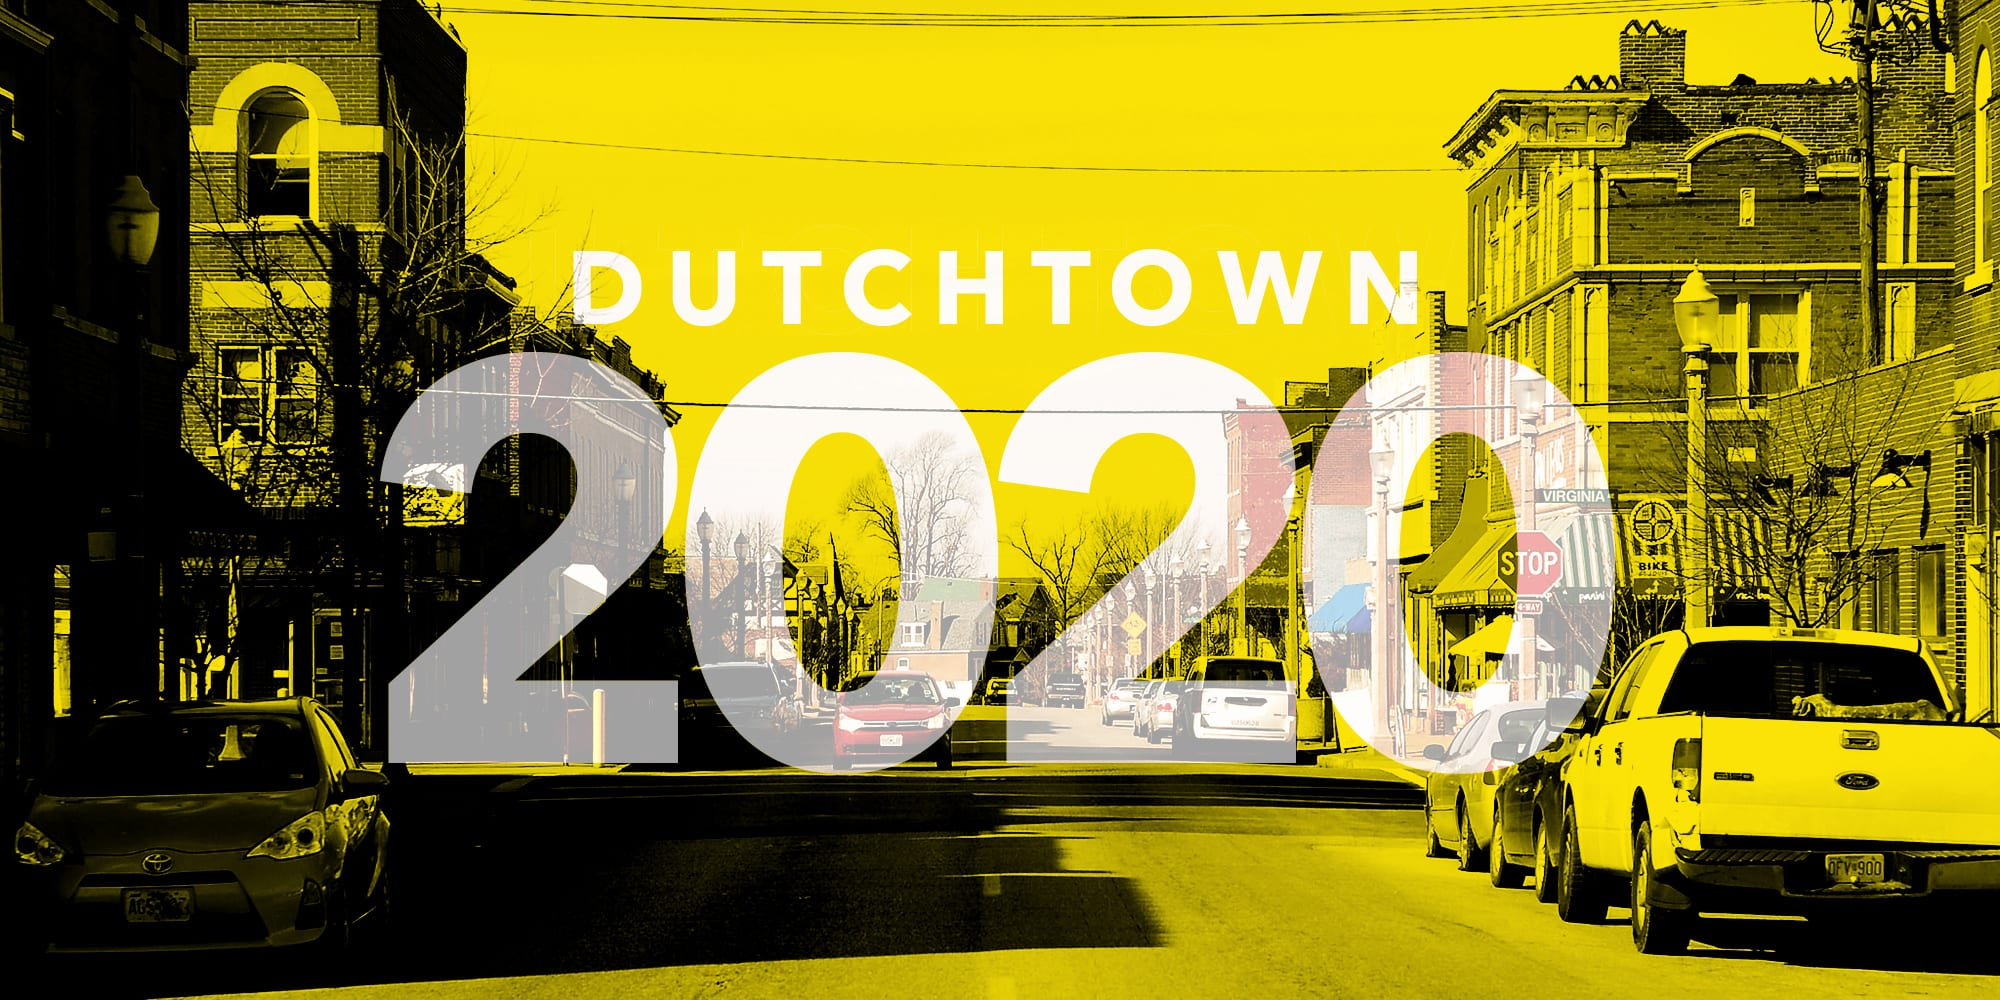 Dutchtown 2020